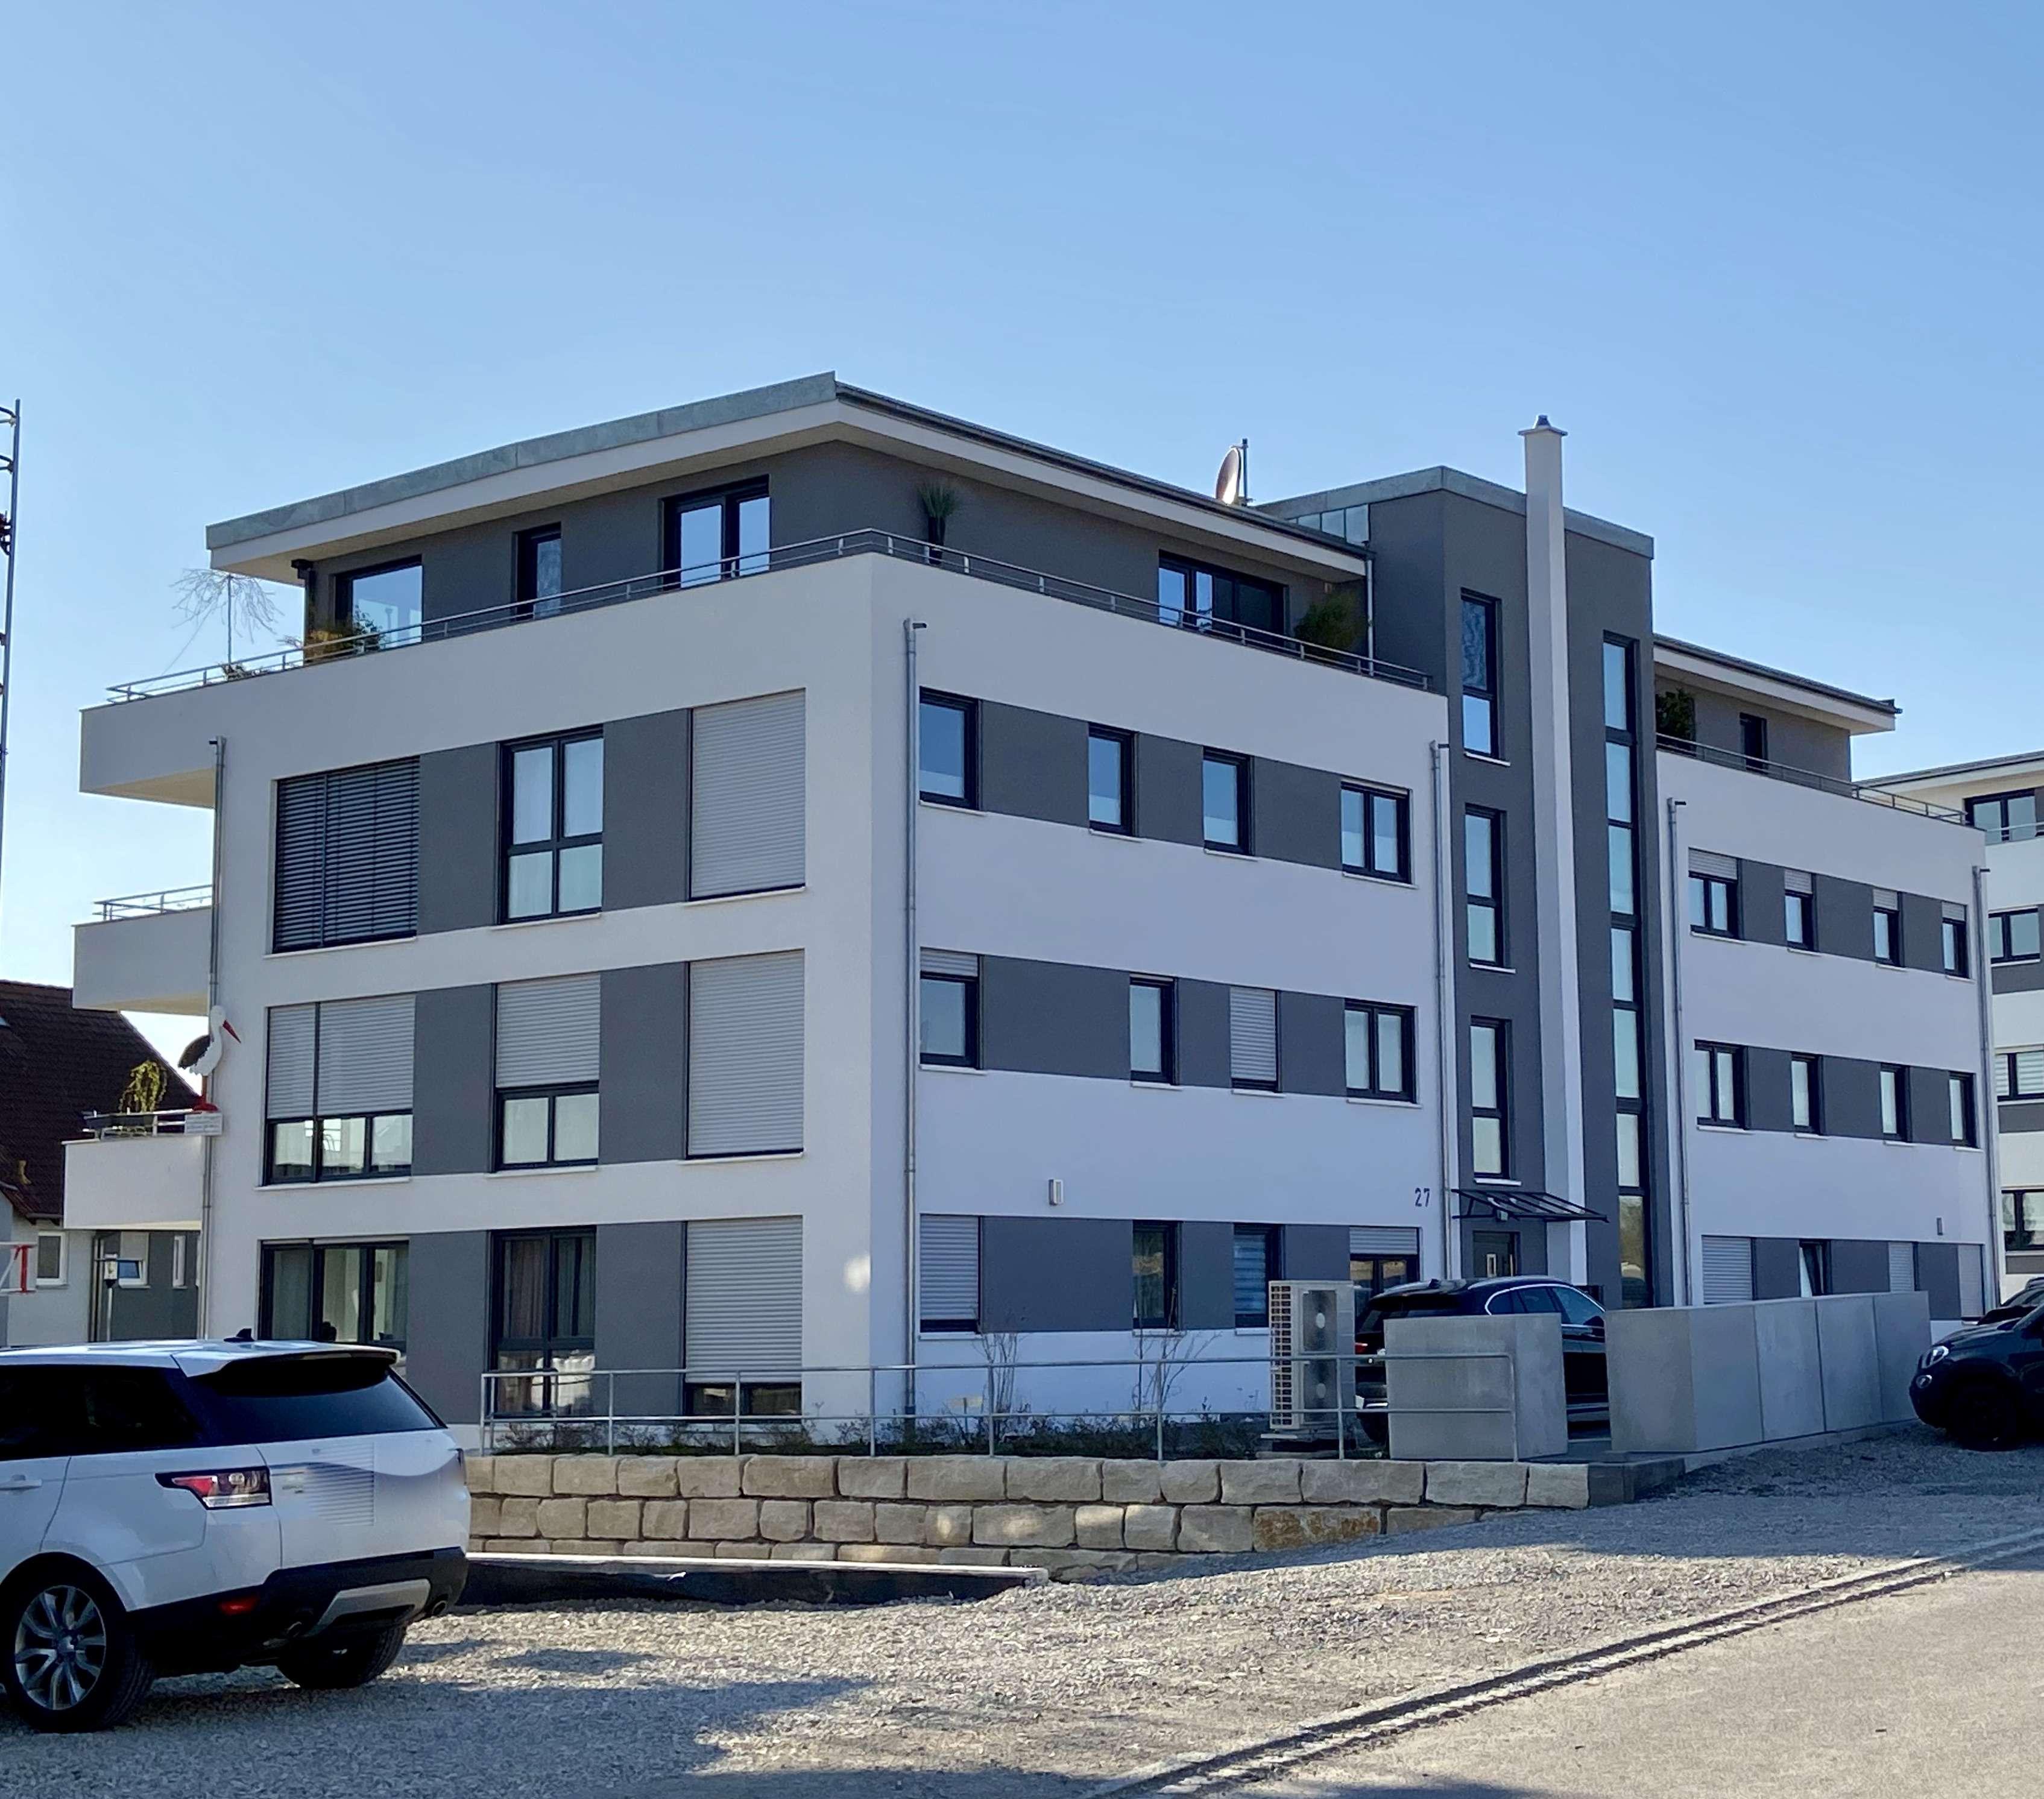 Neuwertige Wohnung mit drei Zimmern sowie Balkon und Luxus Einbauküche in Rothenburg ob der Tauber in